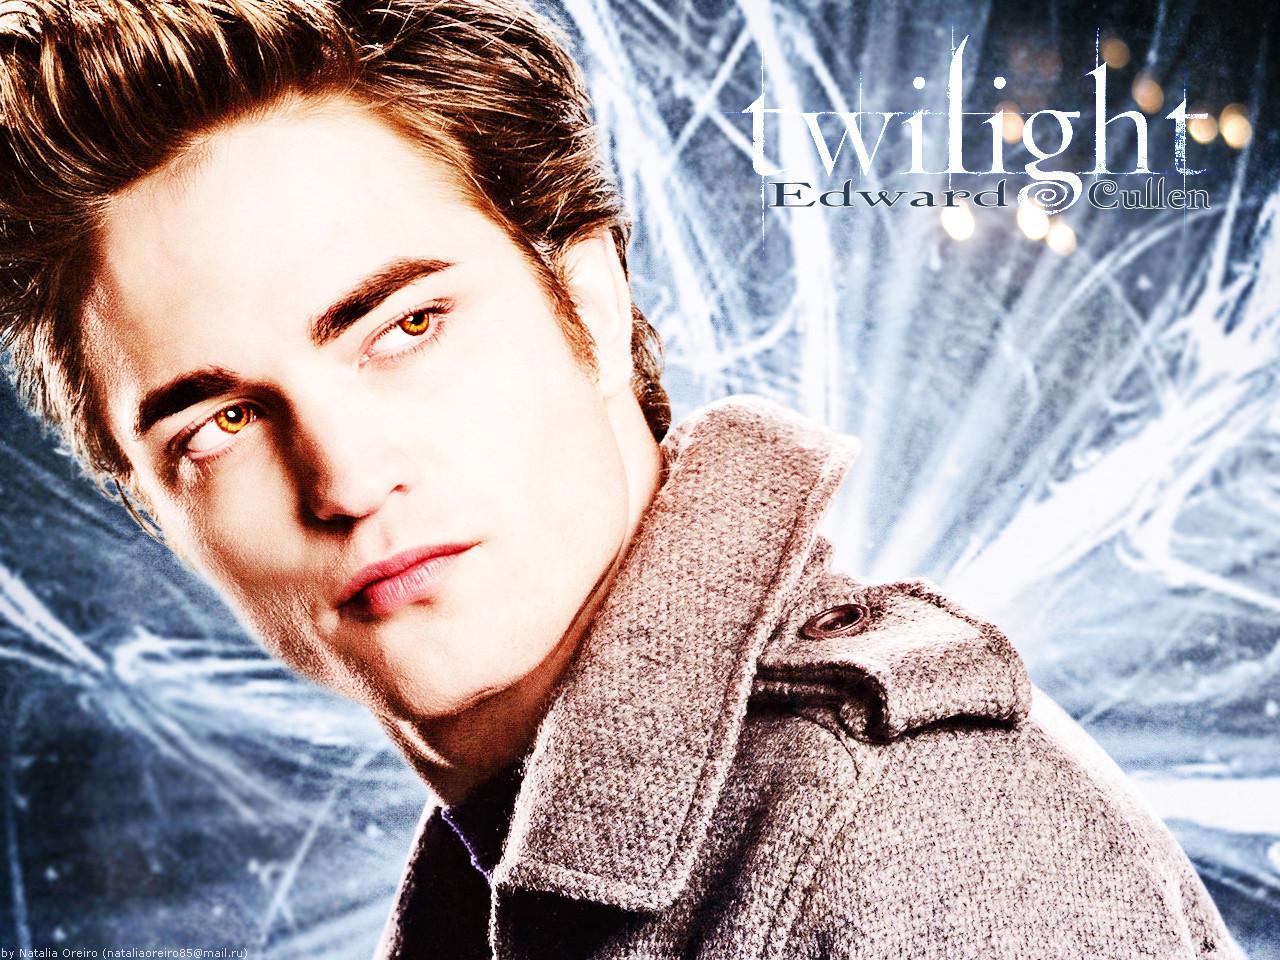 Edward Cullen Twilight Series Wallpaper 6700287 Fanpop